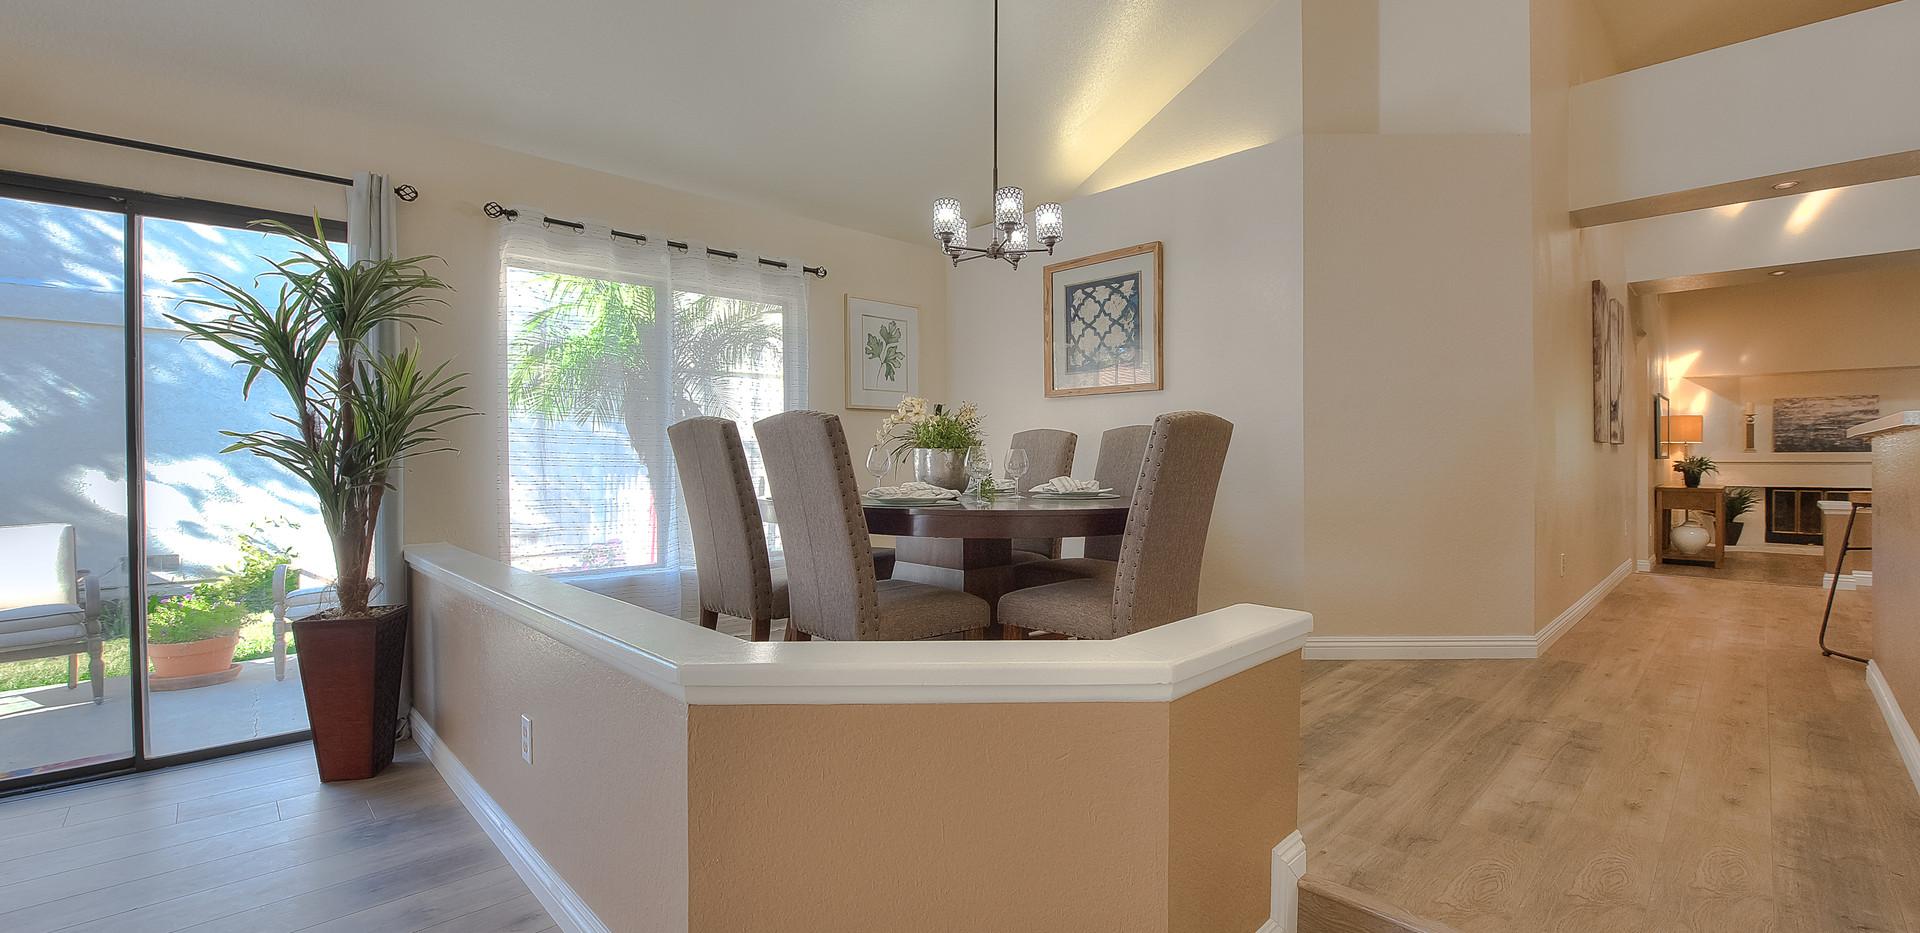 Dining Room (4 of 5).jpg